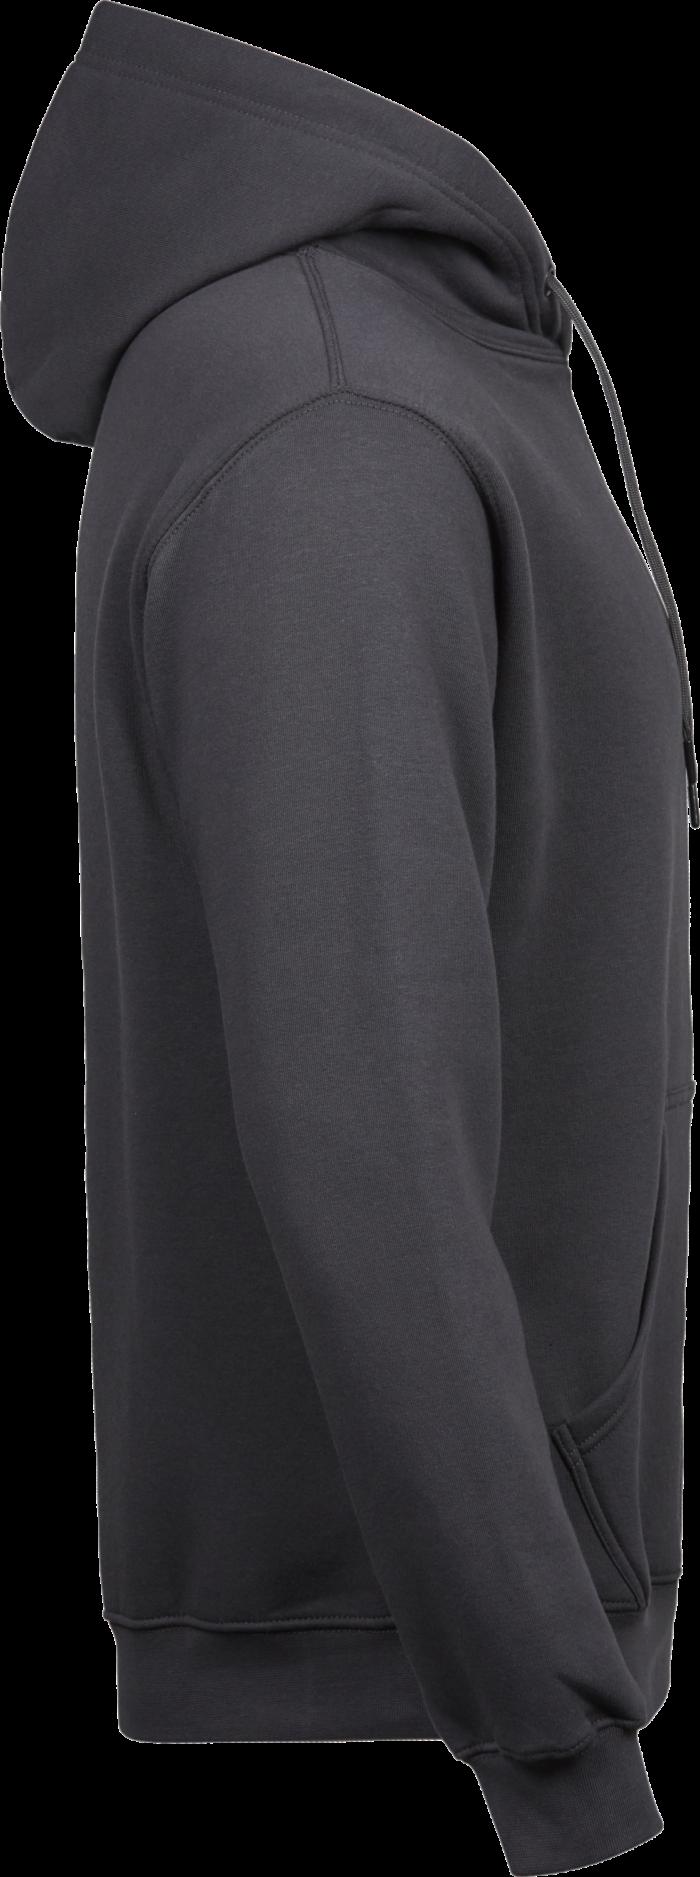 5430_Hooded_sweatshirt - Homme, Femme, Unisexe, coton égyptien à longues fibres -surface douce -couleurs éclatantes grâce à une double teinture -intérieur brossé -bord-côte en lycra pour un meilleur maintien -surpiqûres, Tee Jays, 109 t-shirts